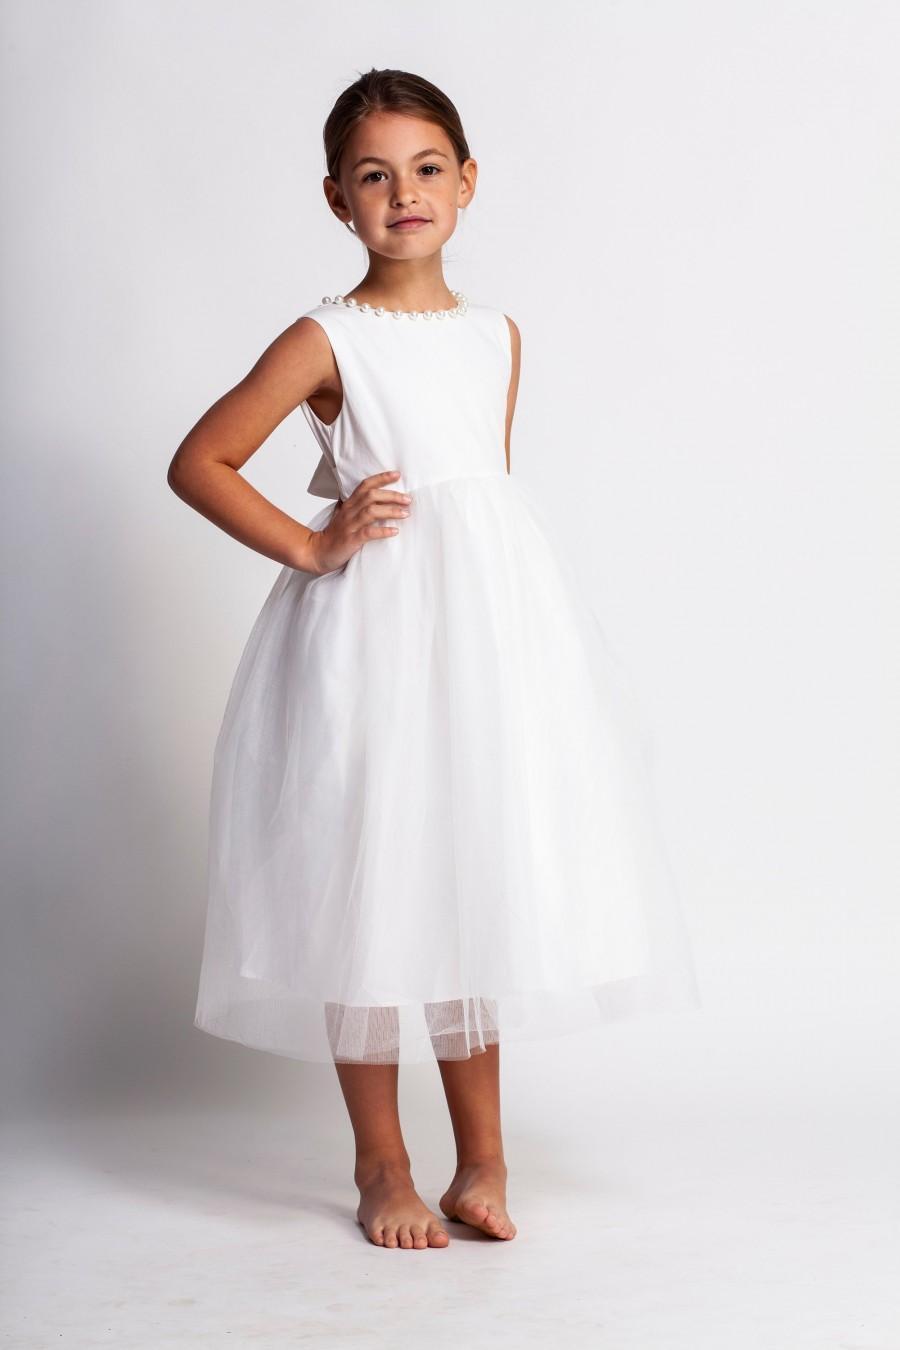 Hochzeit - Elegant flower girl dress,white flower girl dress,white tulle dress,girls dress,first communion dress,baptism dress,blessing dress,vintage